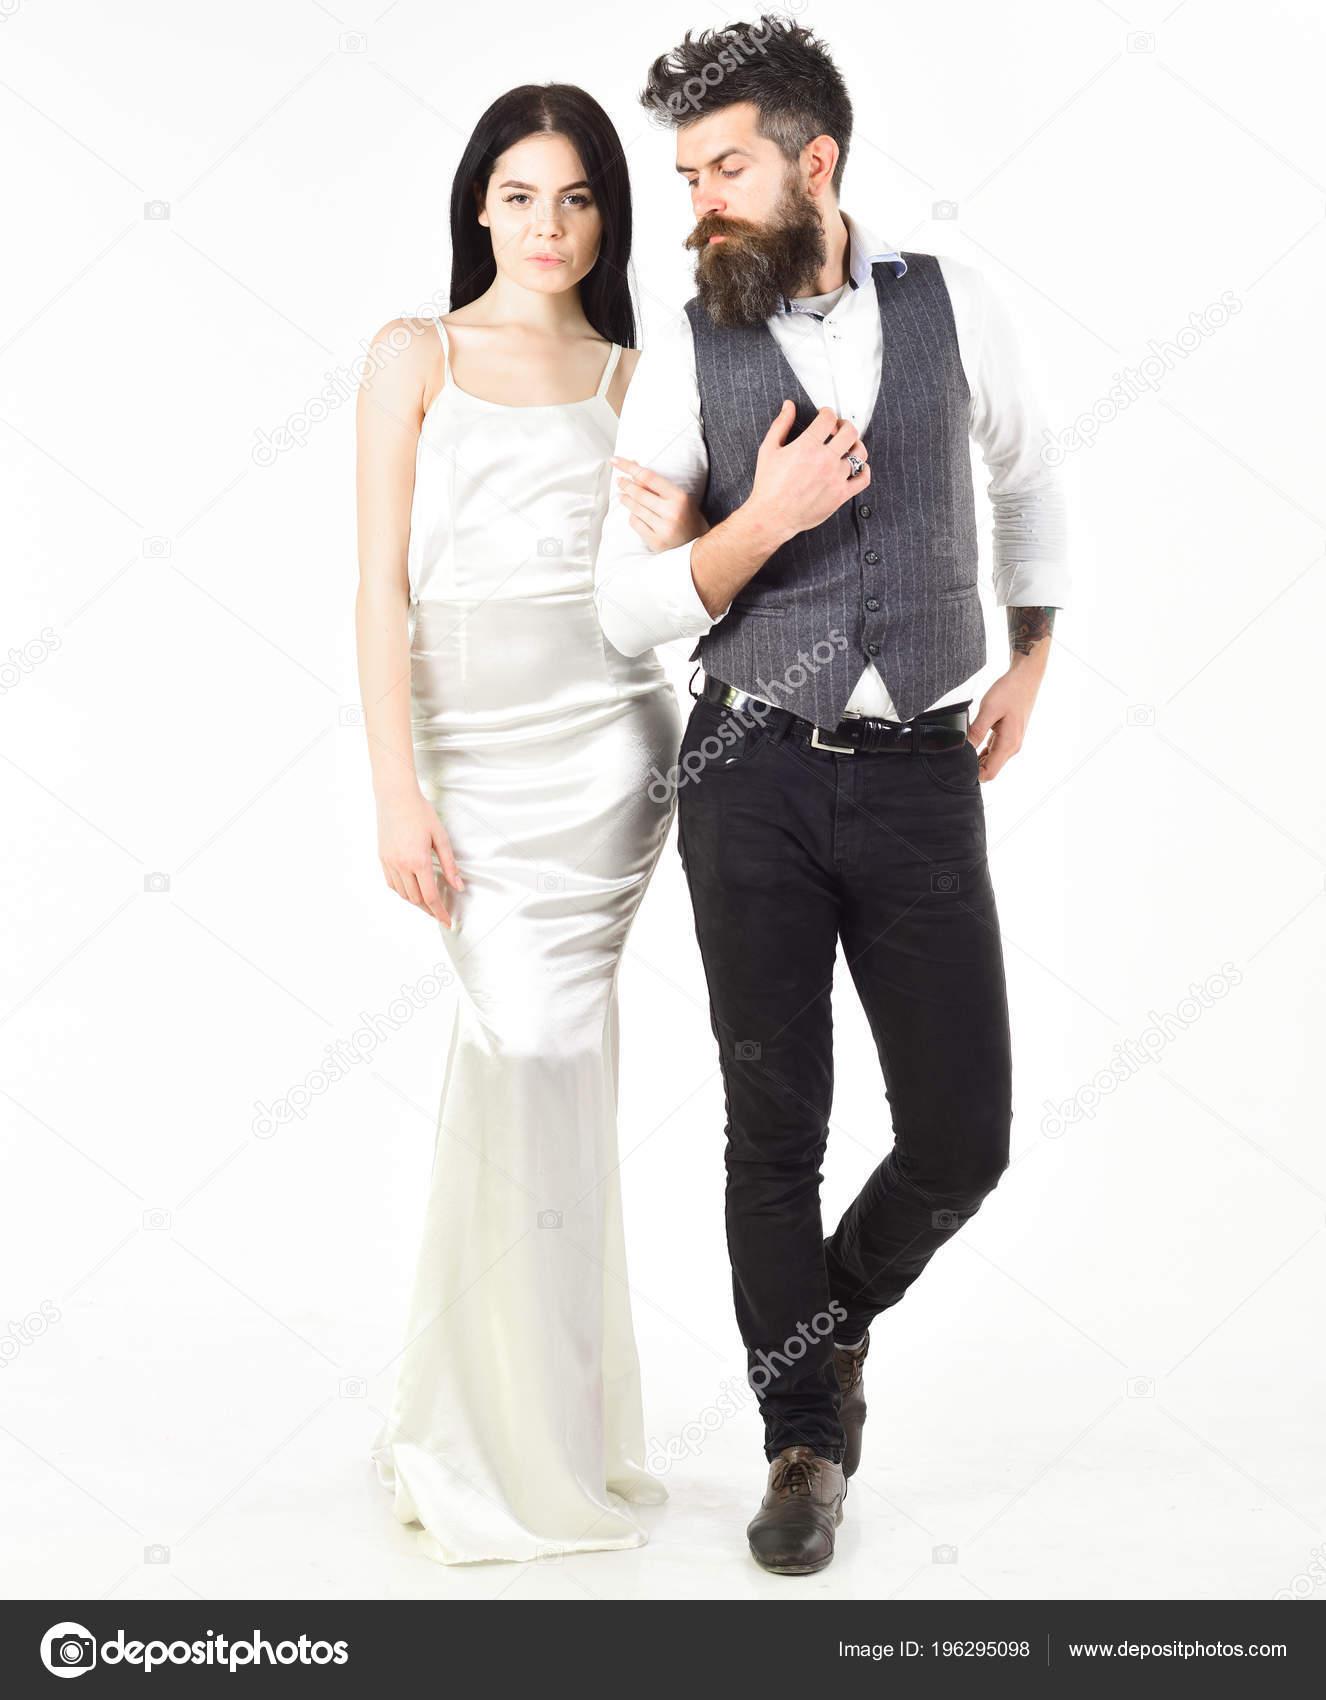 Hipster Matrimonio Uomo : Donna in abito da sposa e uomo in maglia. concetto di matrimonio